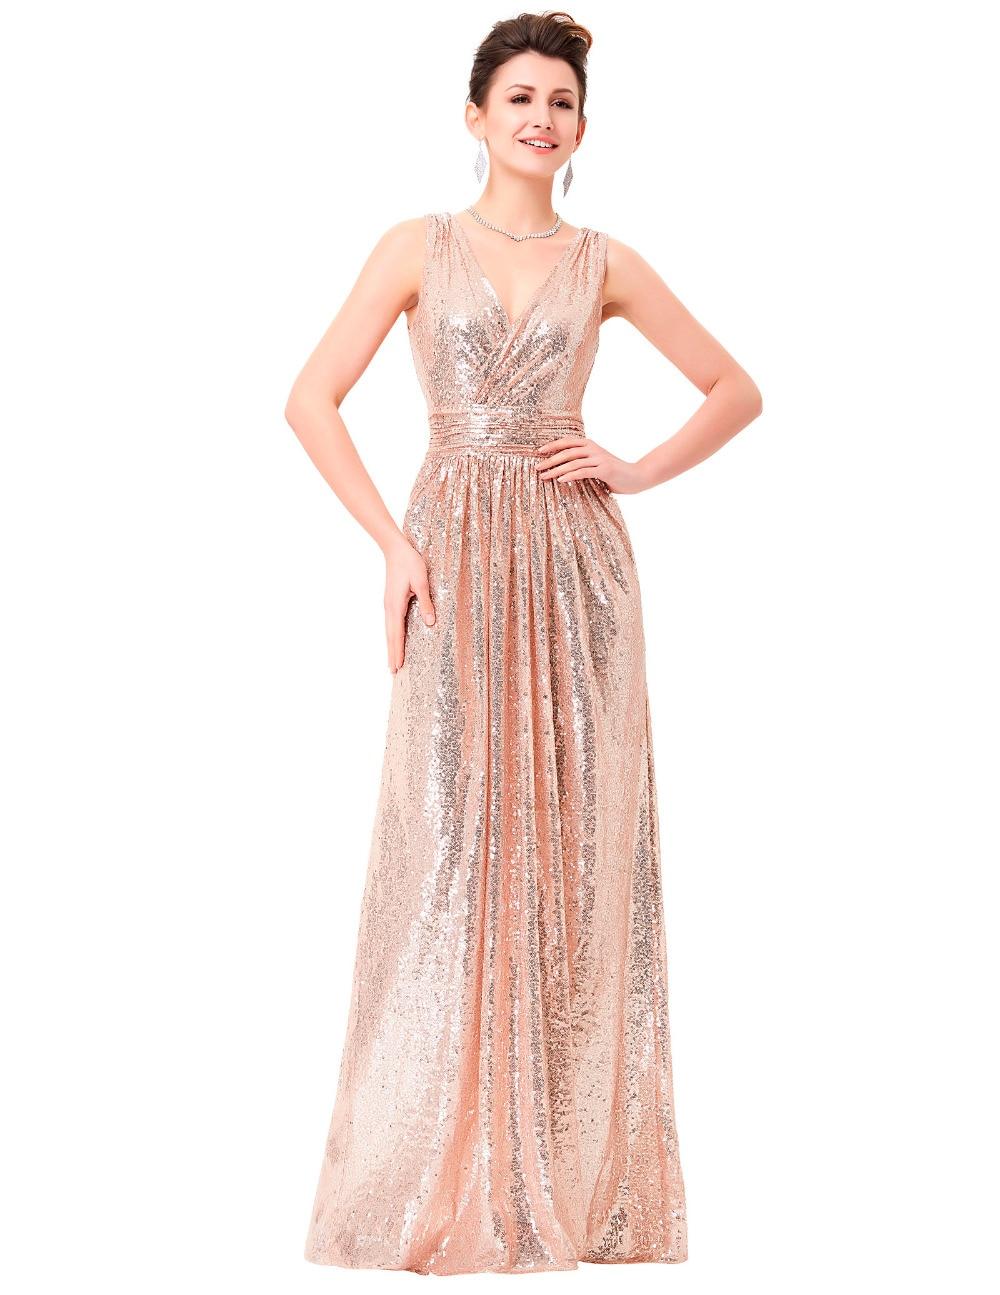 Gemütlich Lulus Prom Kleider Fotos - Brautkleider Ideen - cashingy.info